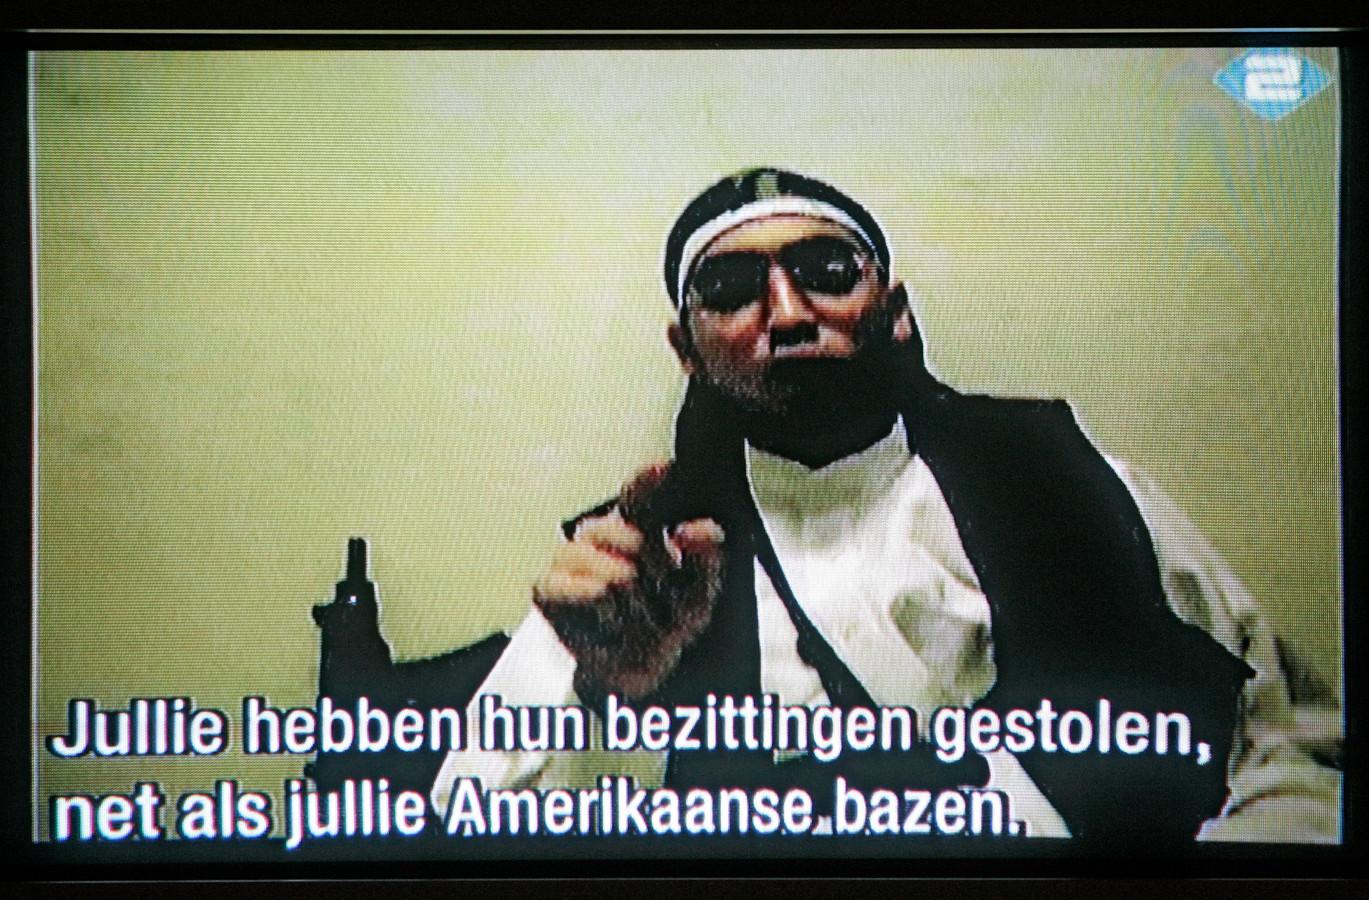 Samir A. nam in de periode dat hij omging met leden van de Hofstadgroep ook een afscheidsvideo op, de politie vond die opname tijdens een huiszoeking. Het tv-programma NOVA zond er een gedeelte van uit.